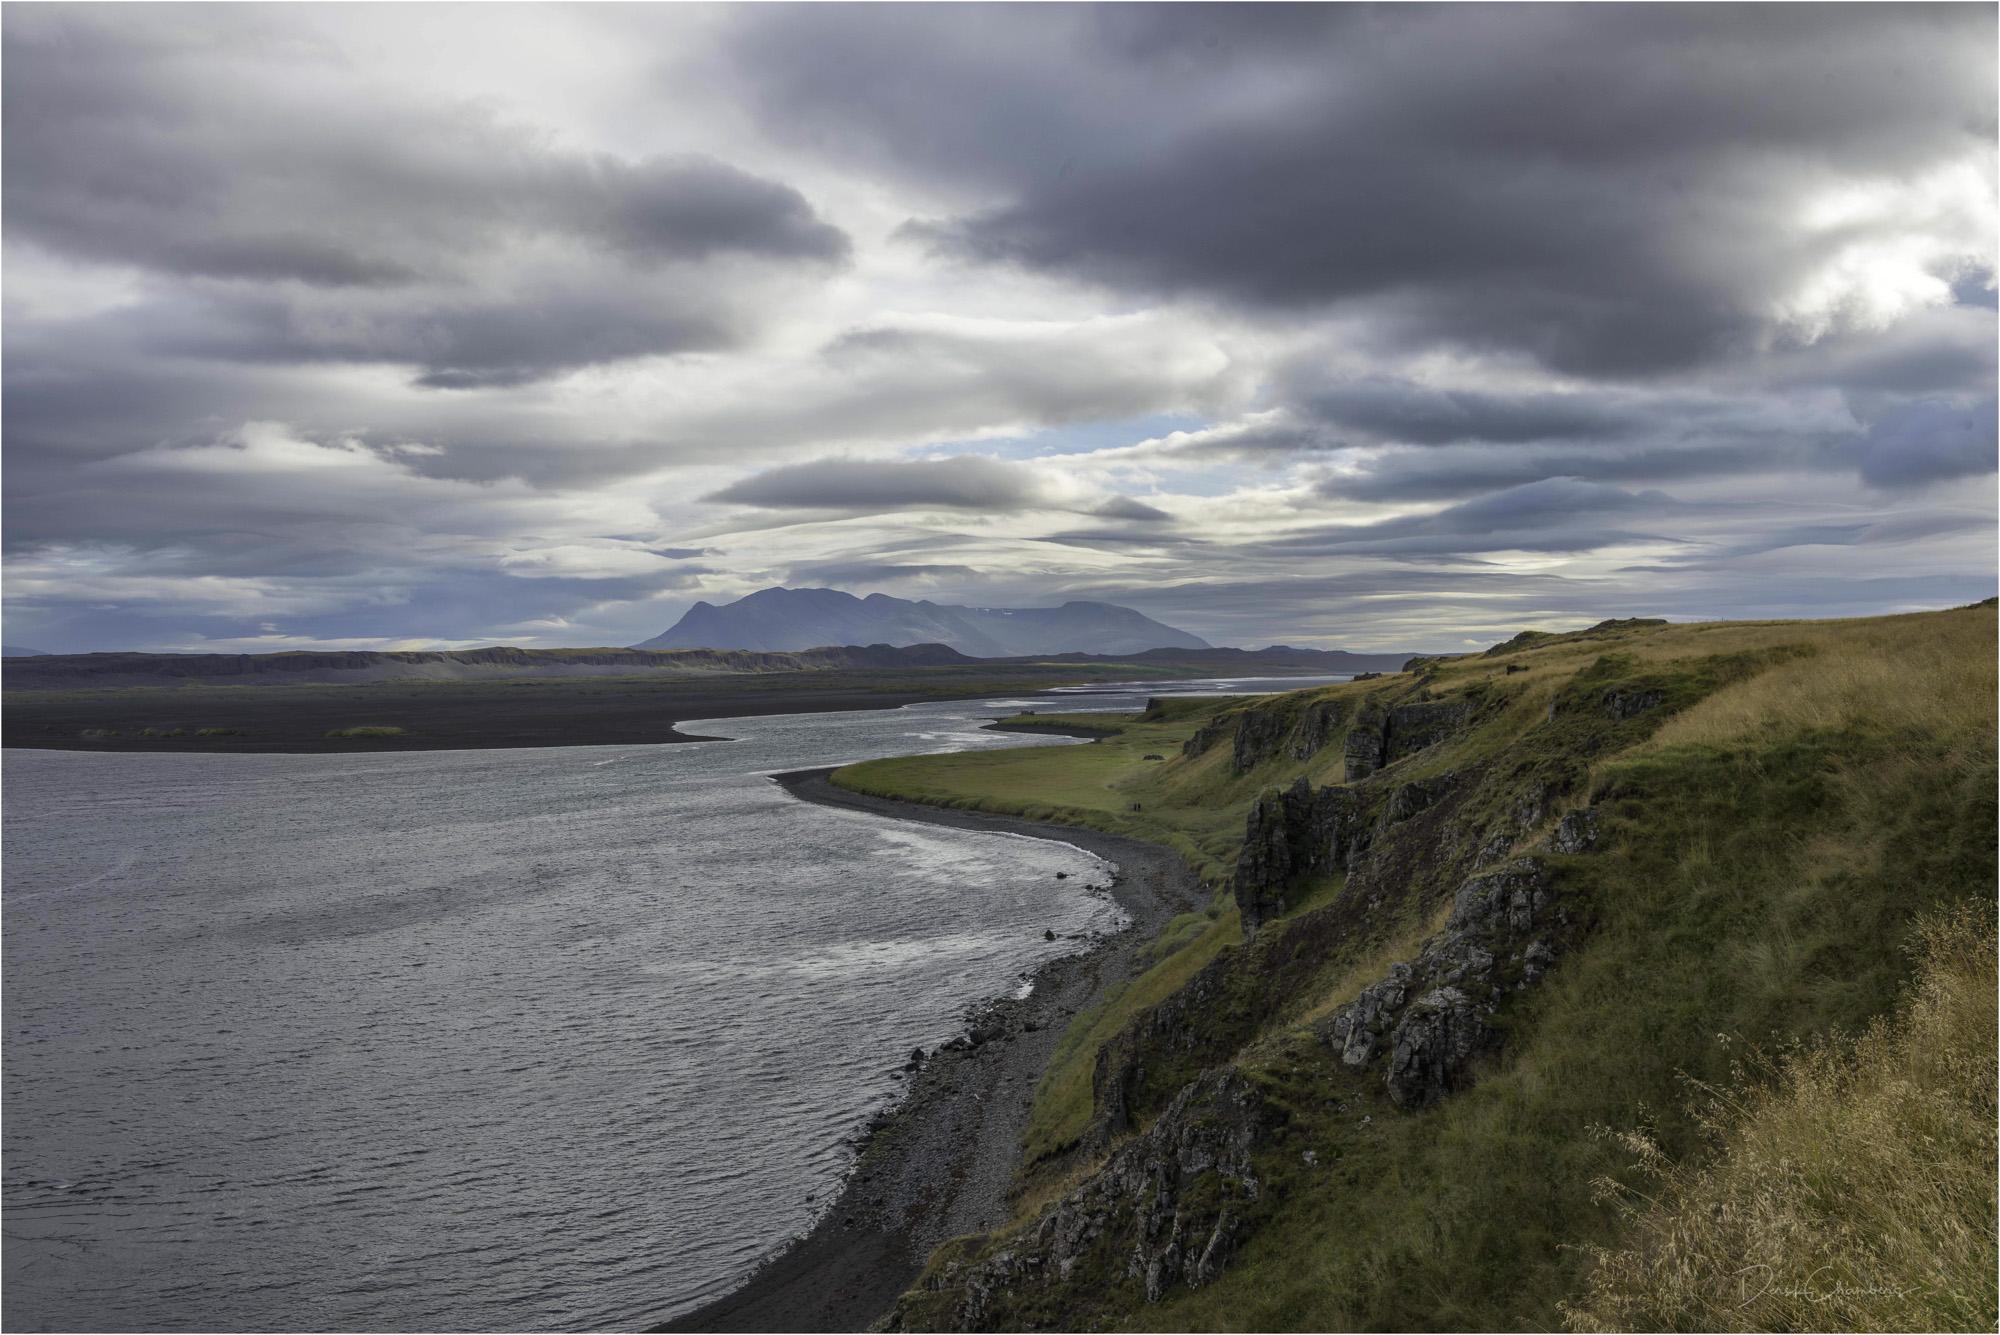 Nr Hvitsekur and Sigríðarstaðavatn, Iceland - Derek Chambers